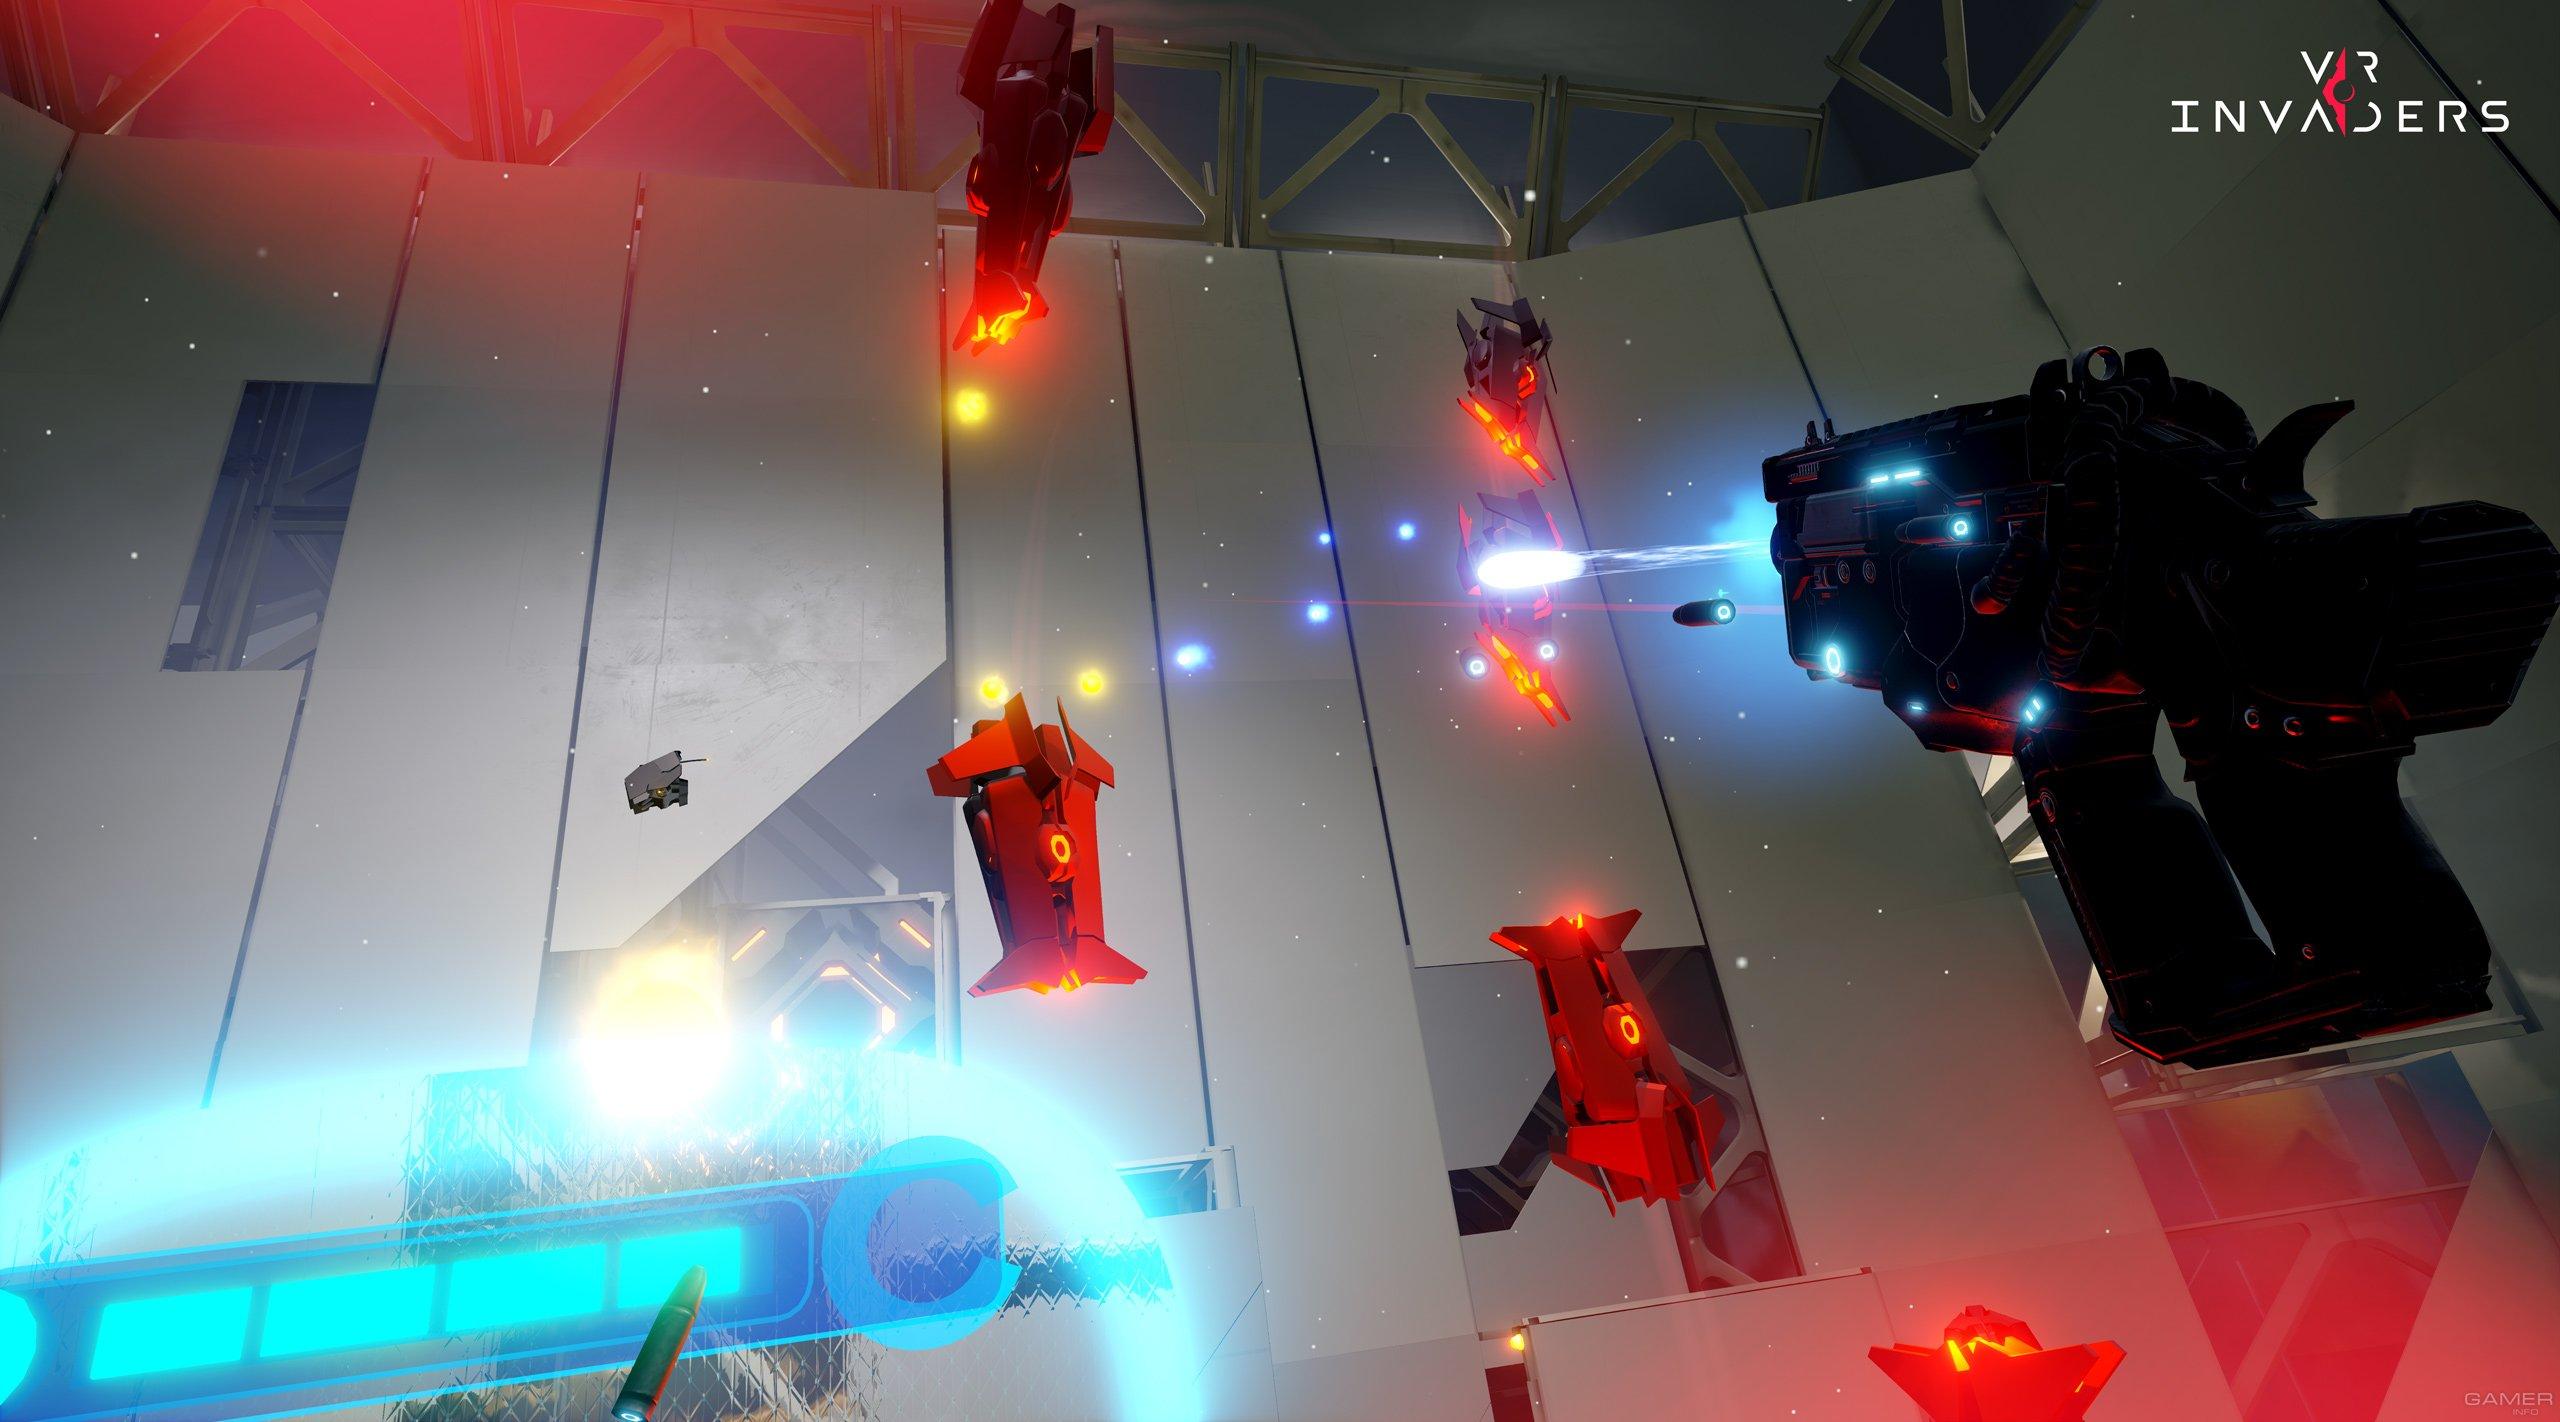 Анонсирована VR Invaders – VR-проект от Mail.ru Group